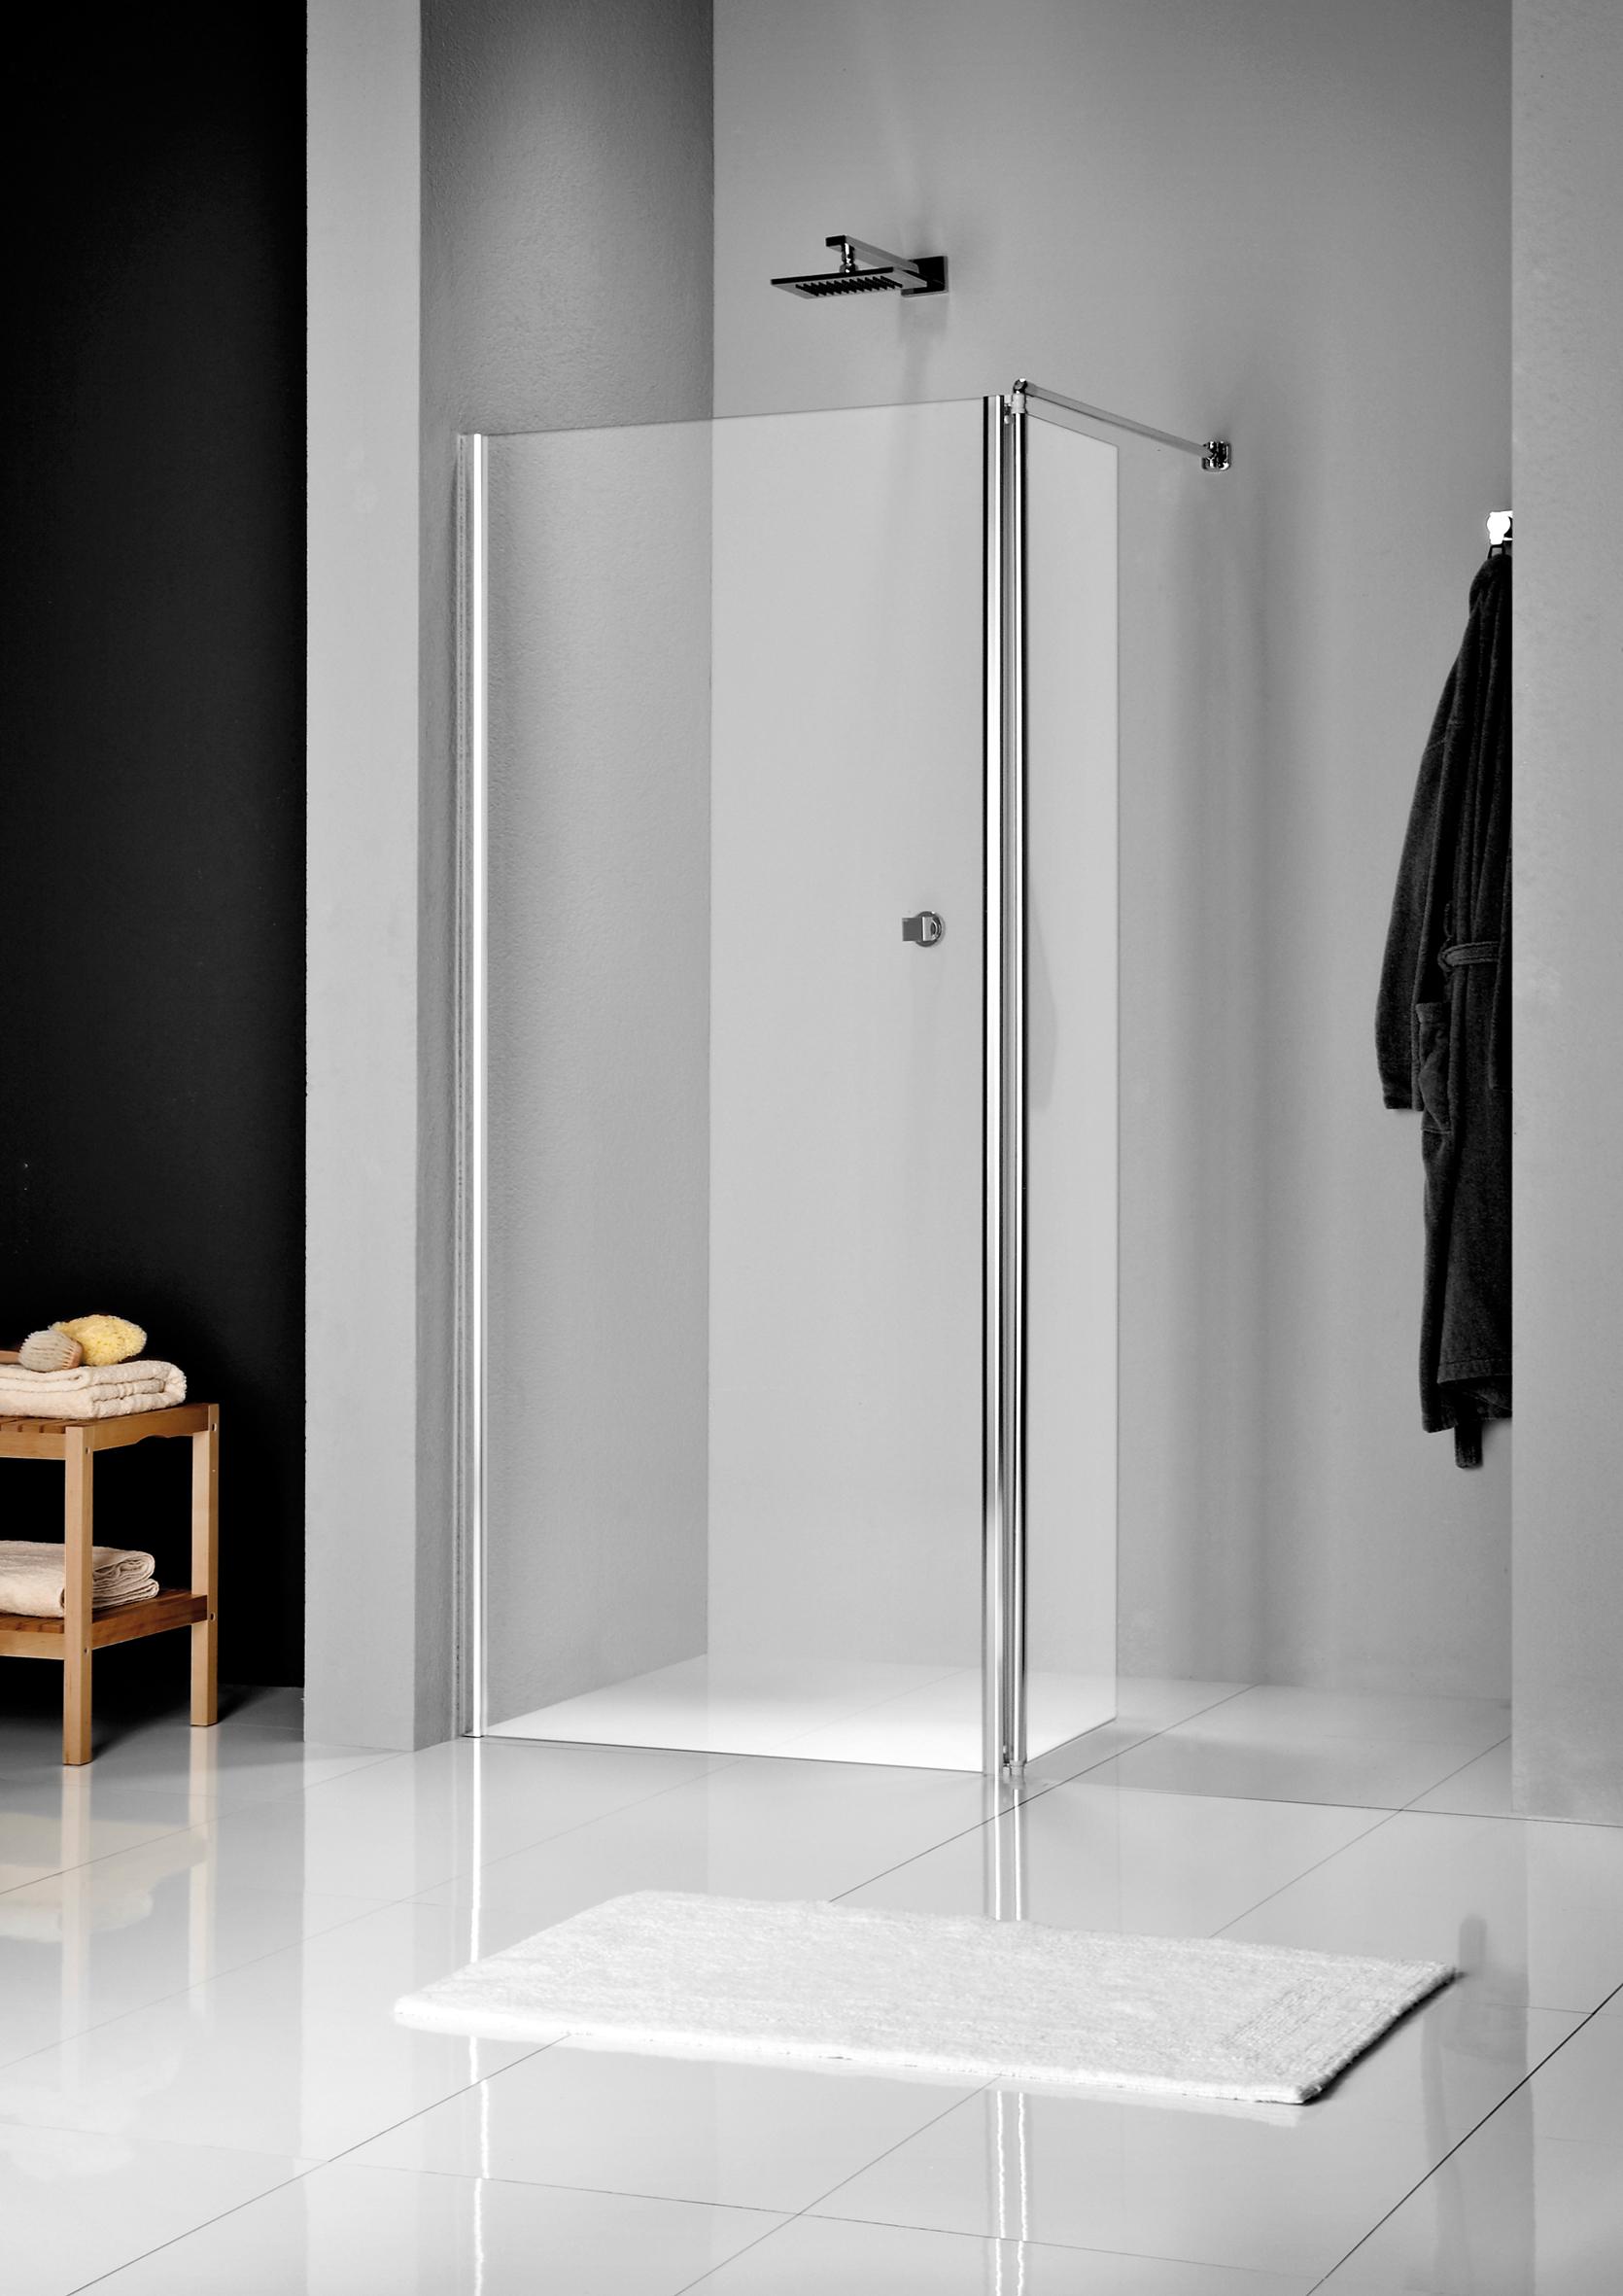 Sealskin Get Wet W205 inloop type a1 120x200cm mat zilver profiel en chinchilla glas